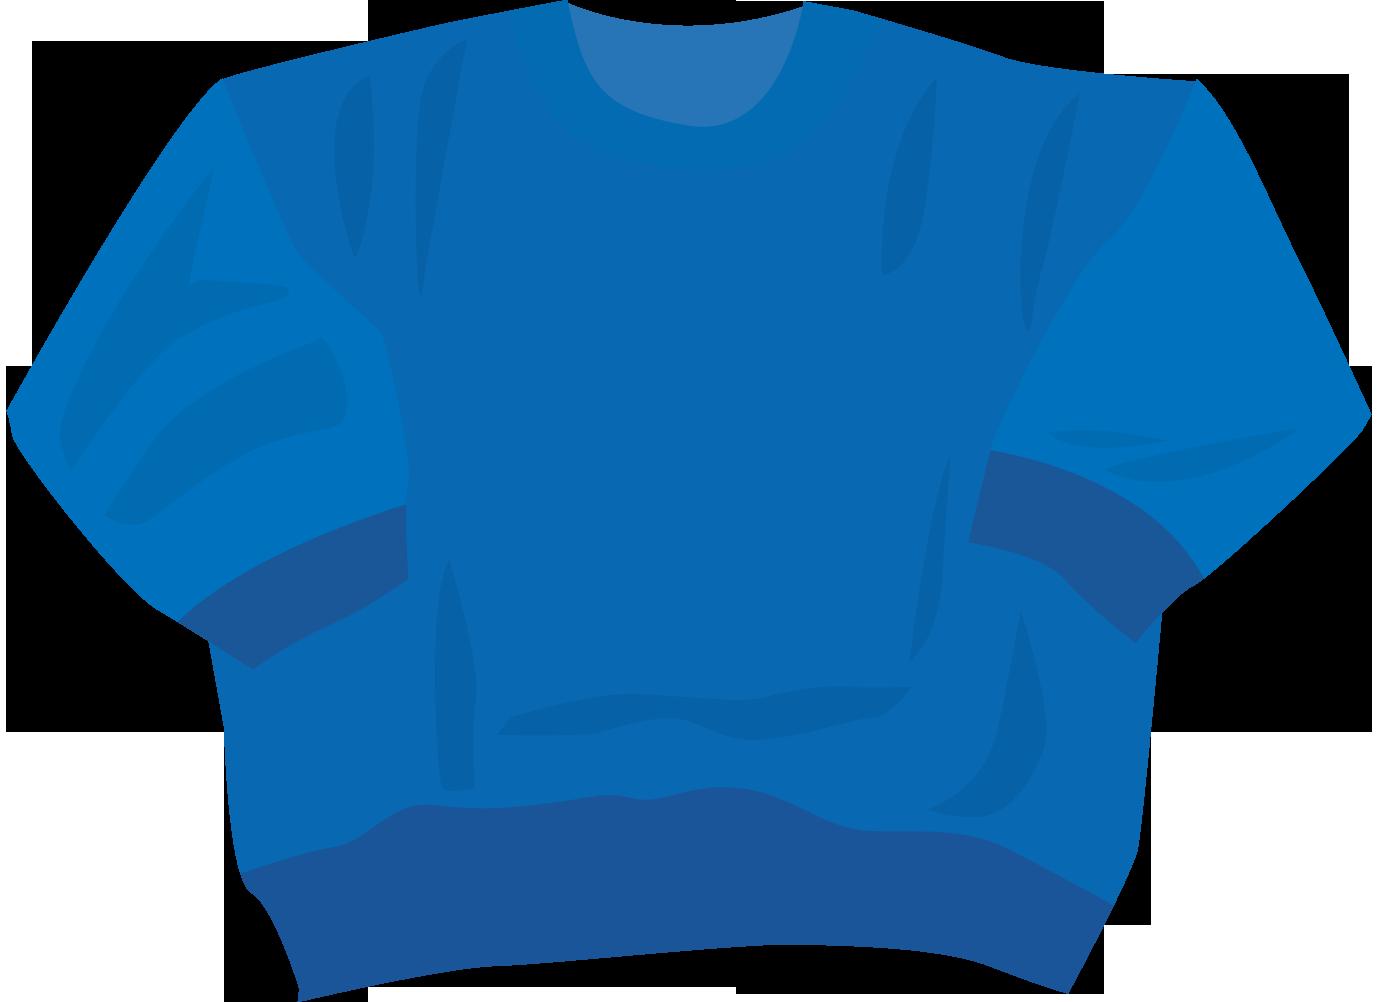 子供服、ベビー服のイラスト・フリー素材 ダウンロード01【素材っち】